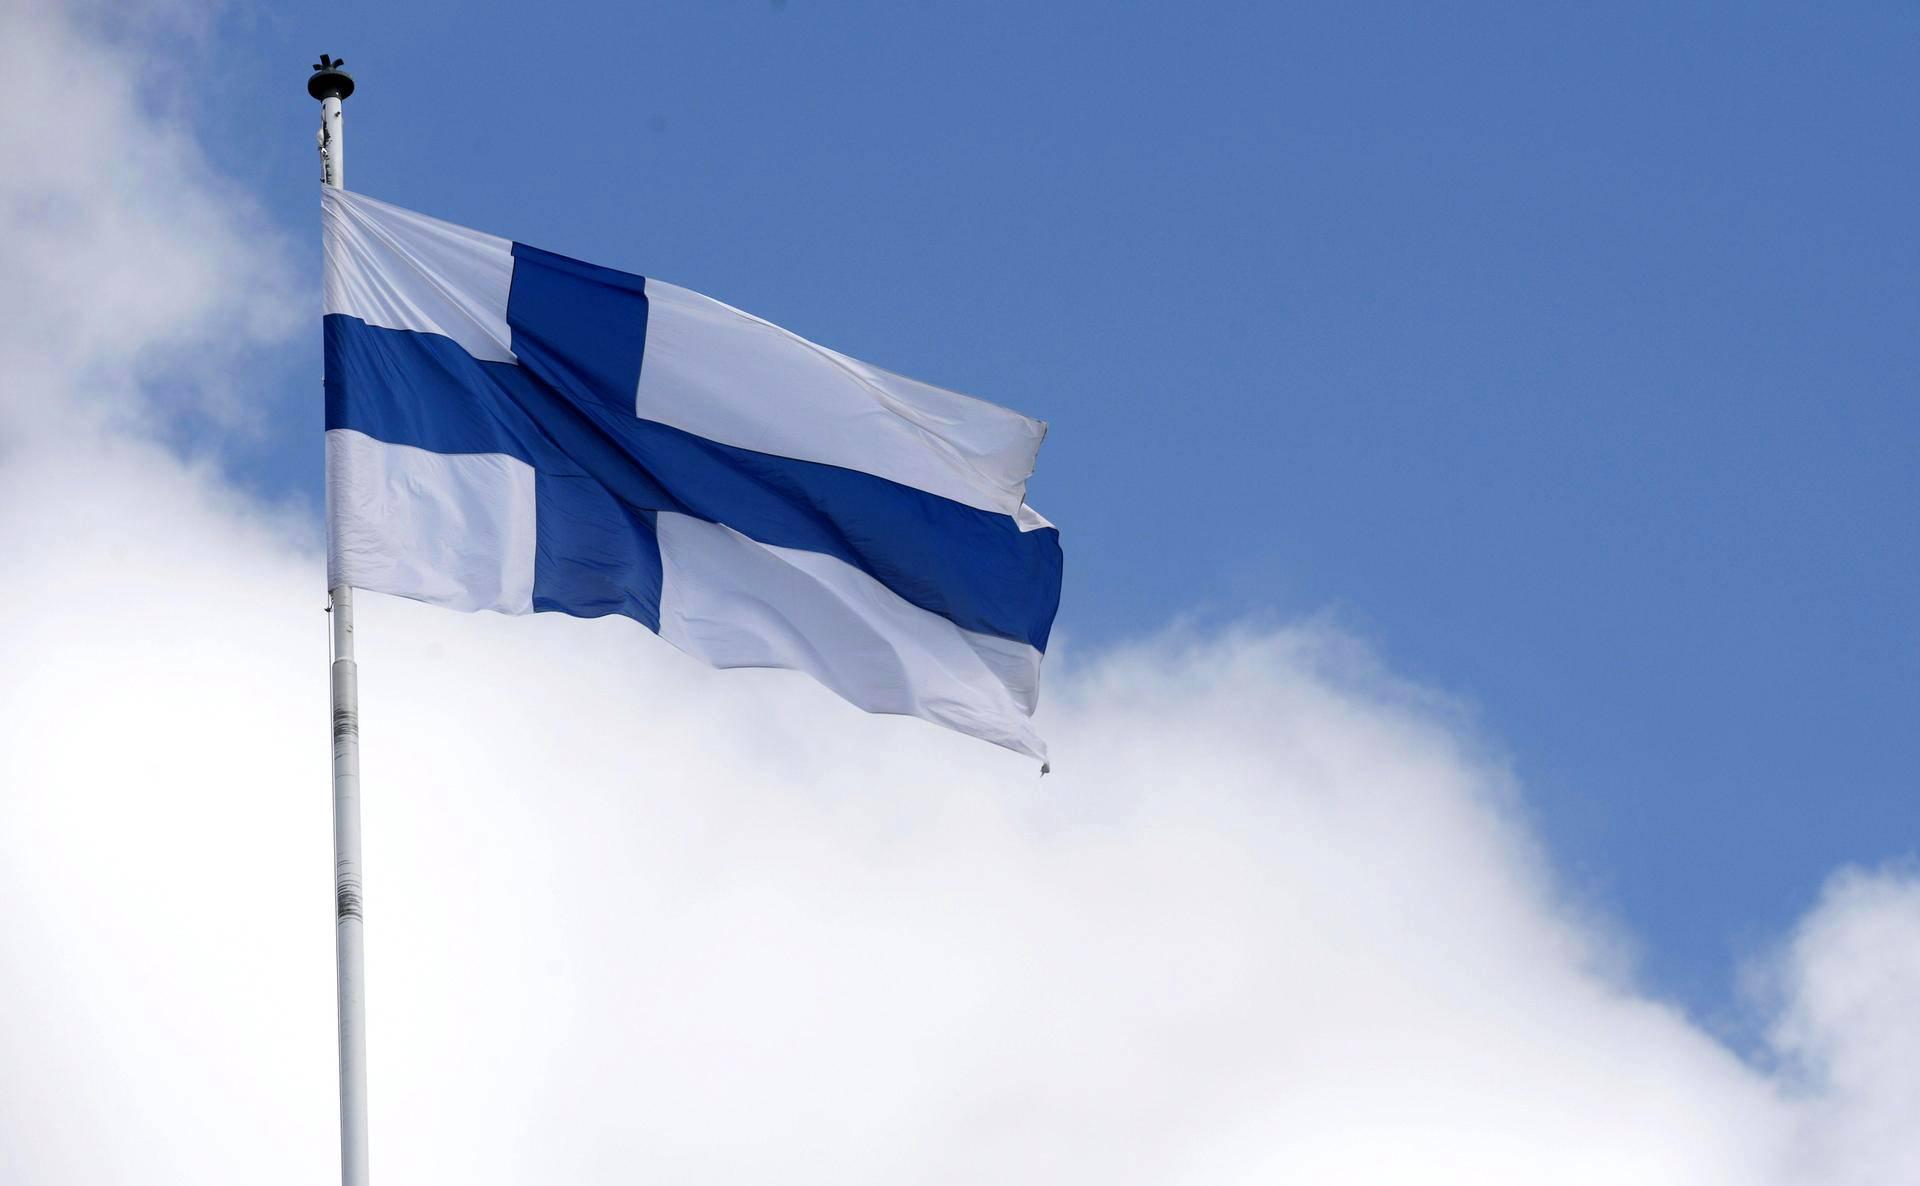 Suomen Lippu Kuva